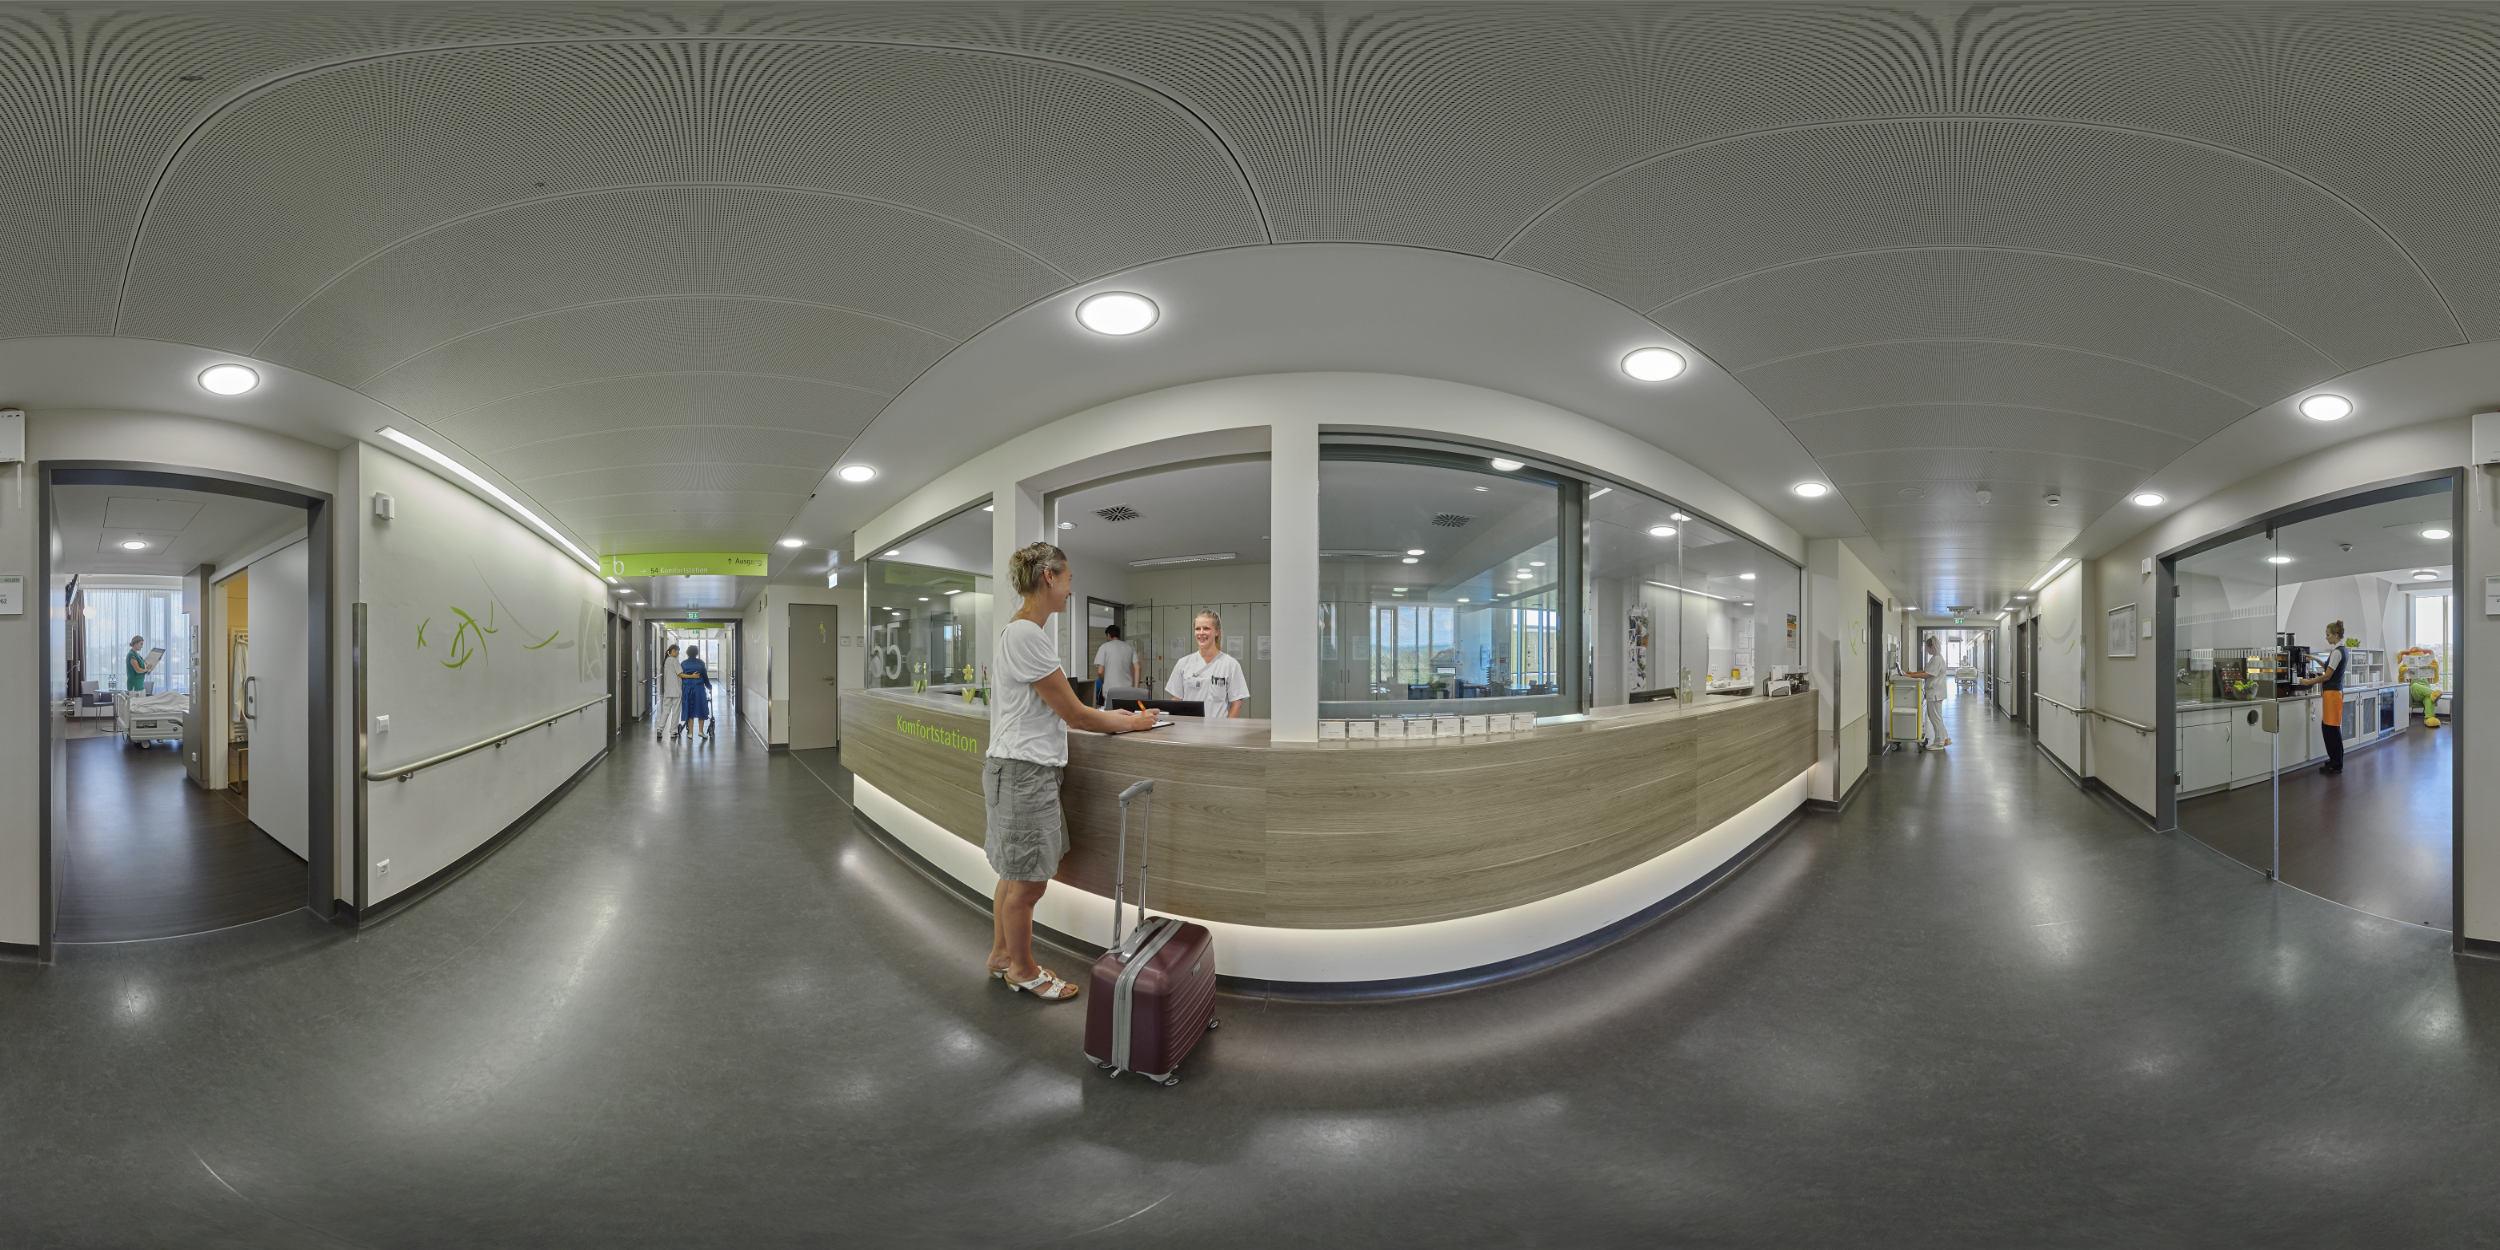 Panoramafotografie Virtuelle Touren 360Grad Fotografie Stuttgart und Umgebung Panorama 360°x180° Sphäre Virtuelle Tour durch das Rems-Murr Klinikum Winnenden und Schorndorf Komfortstation